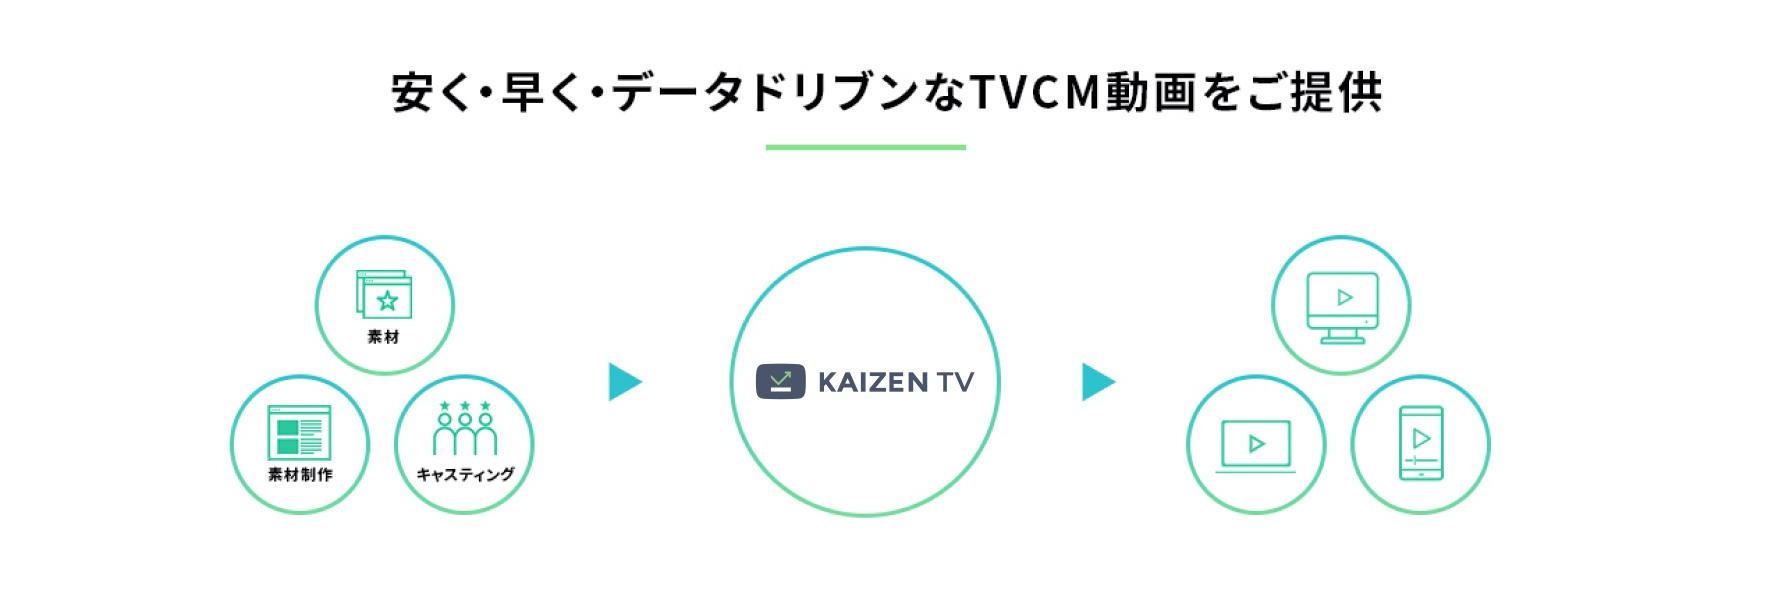 """KAIZEN TVは""""次世代TVCM""""時代の クリエイティブ制作プラットフォームです。"""